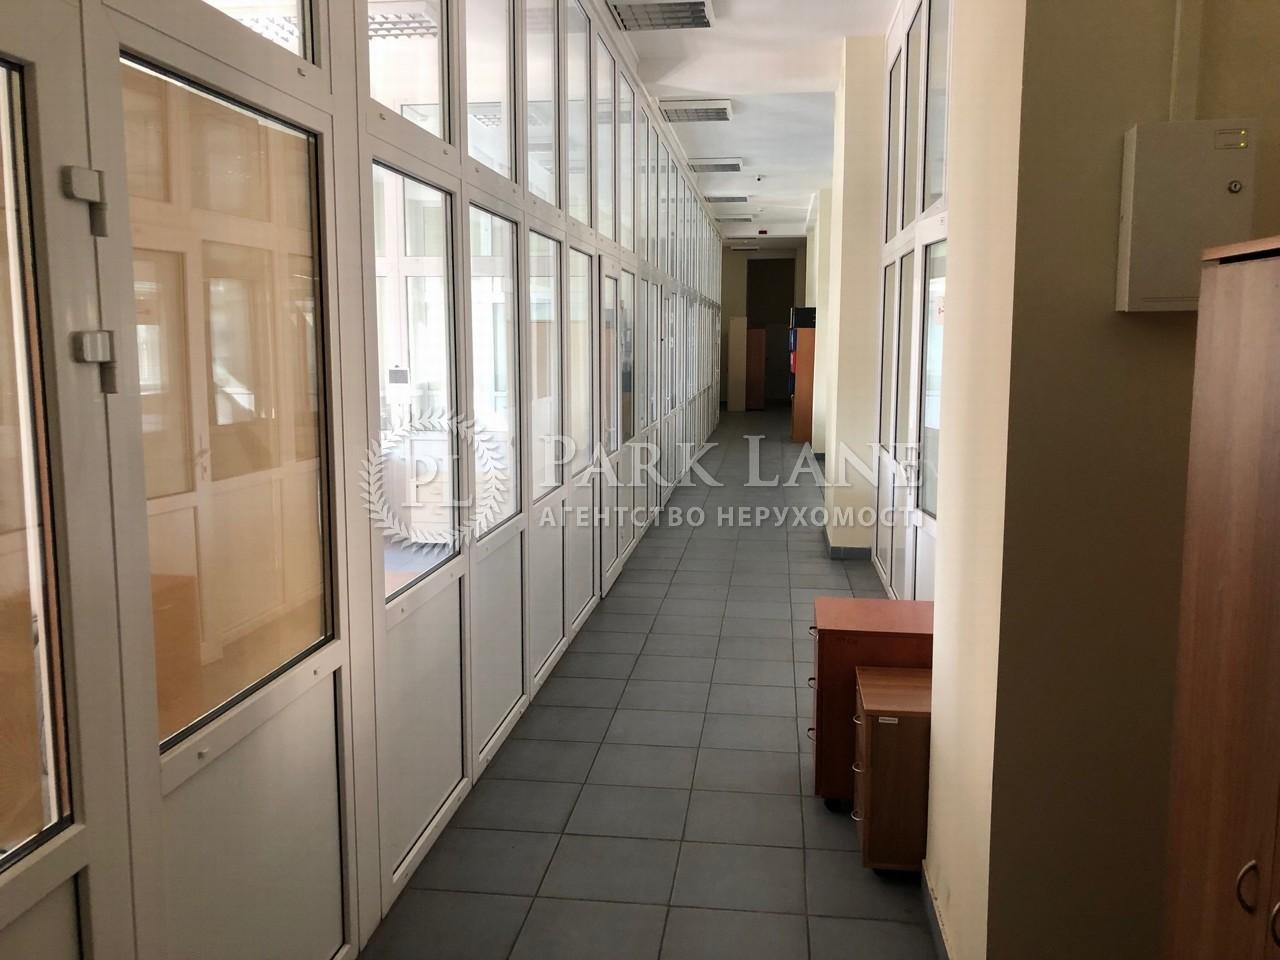 Нежилое помещение, ул. Лобановского, Чайки, R-28412 - Фото 9